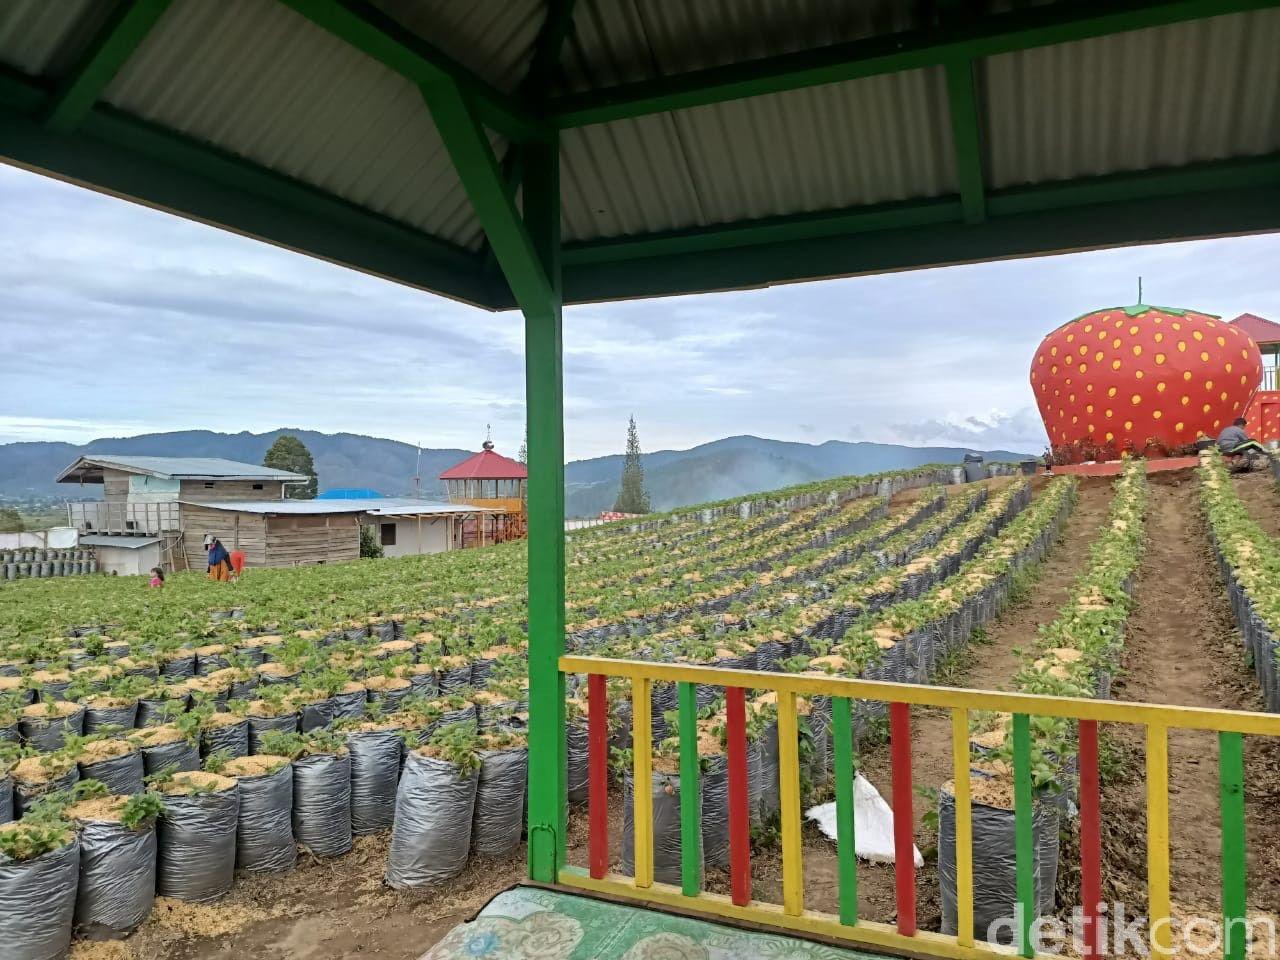 DZ Jikho Strawberry, Alahan Panjang Solok, Sumatera Barat